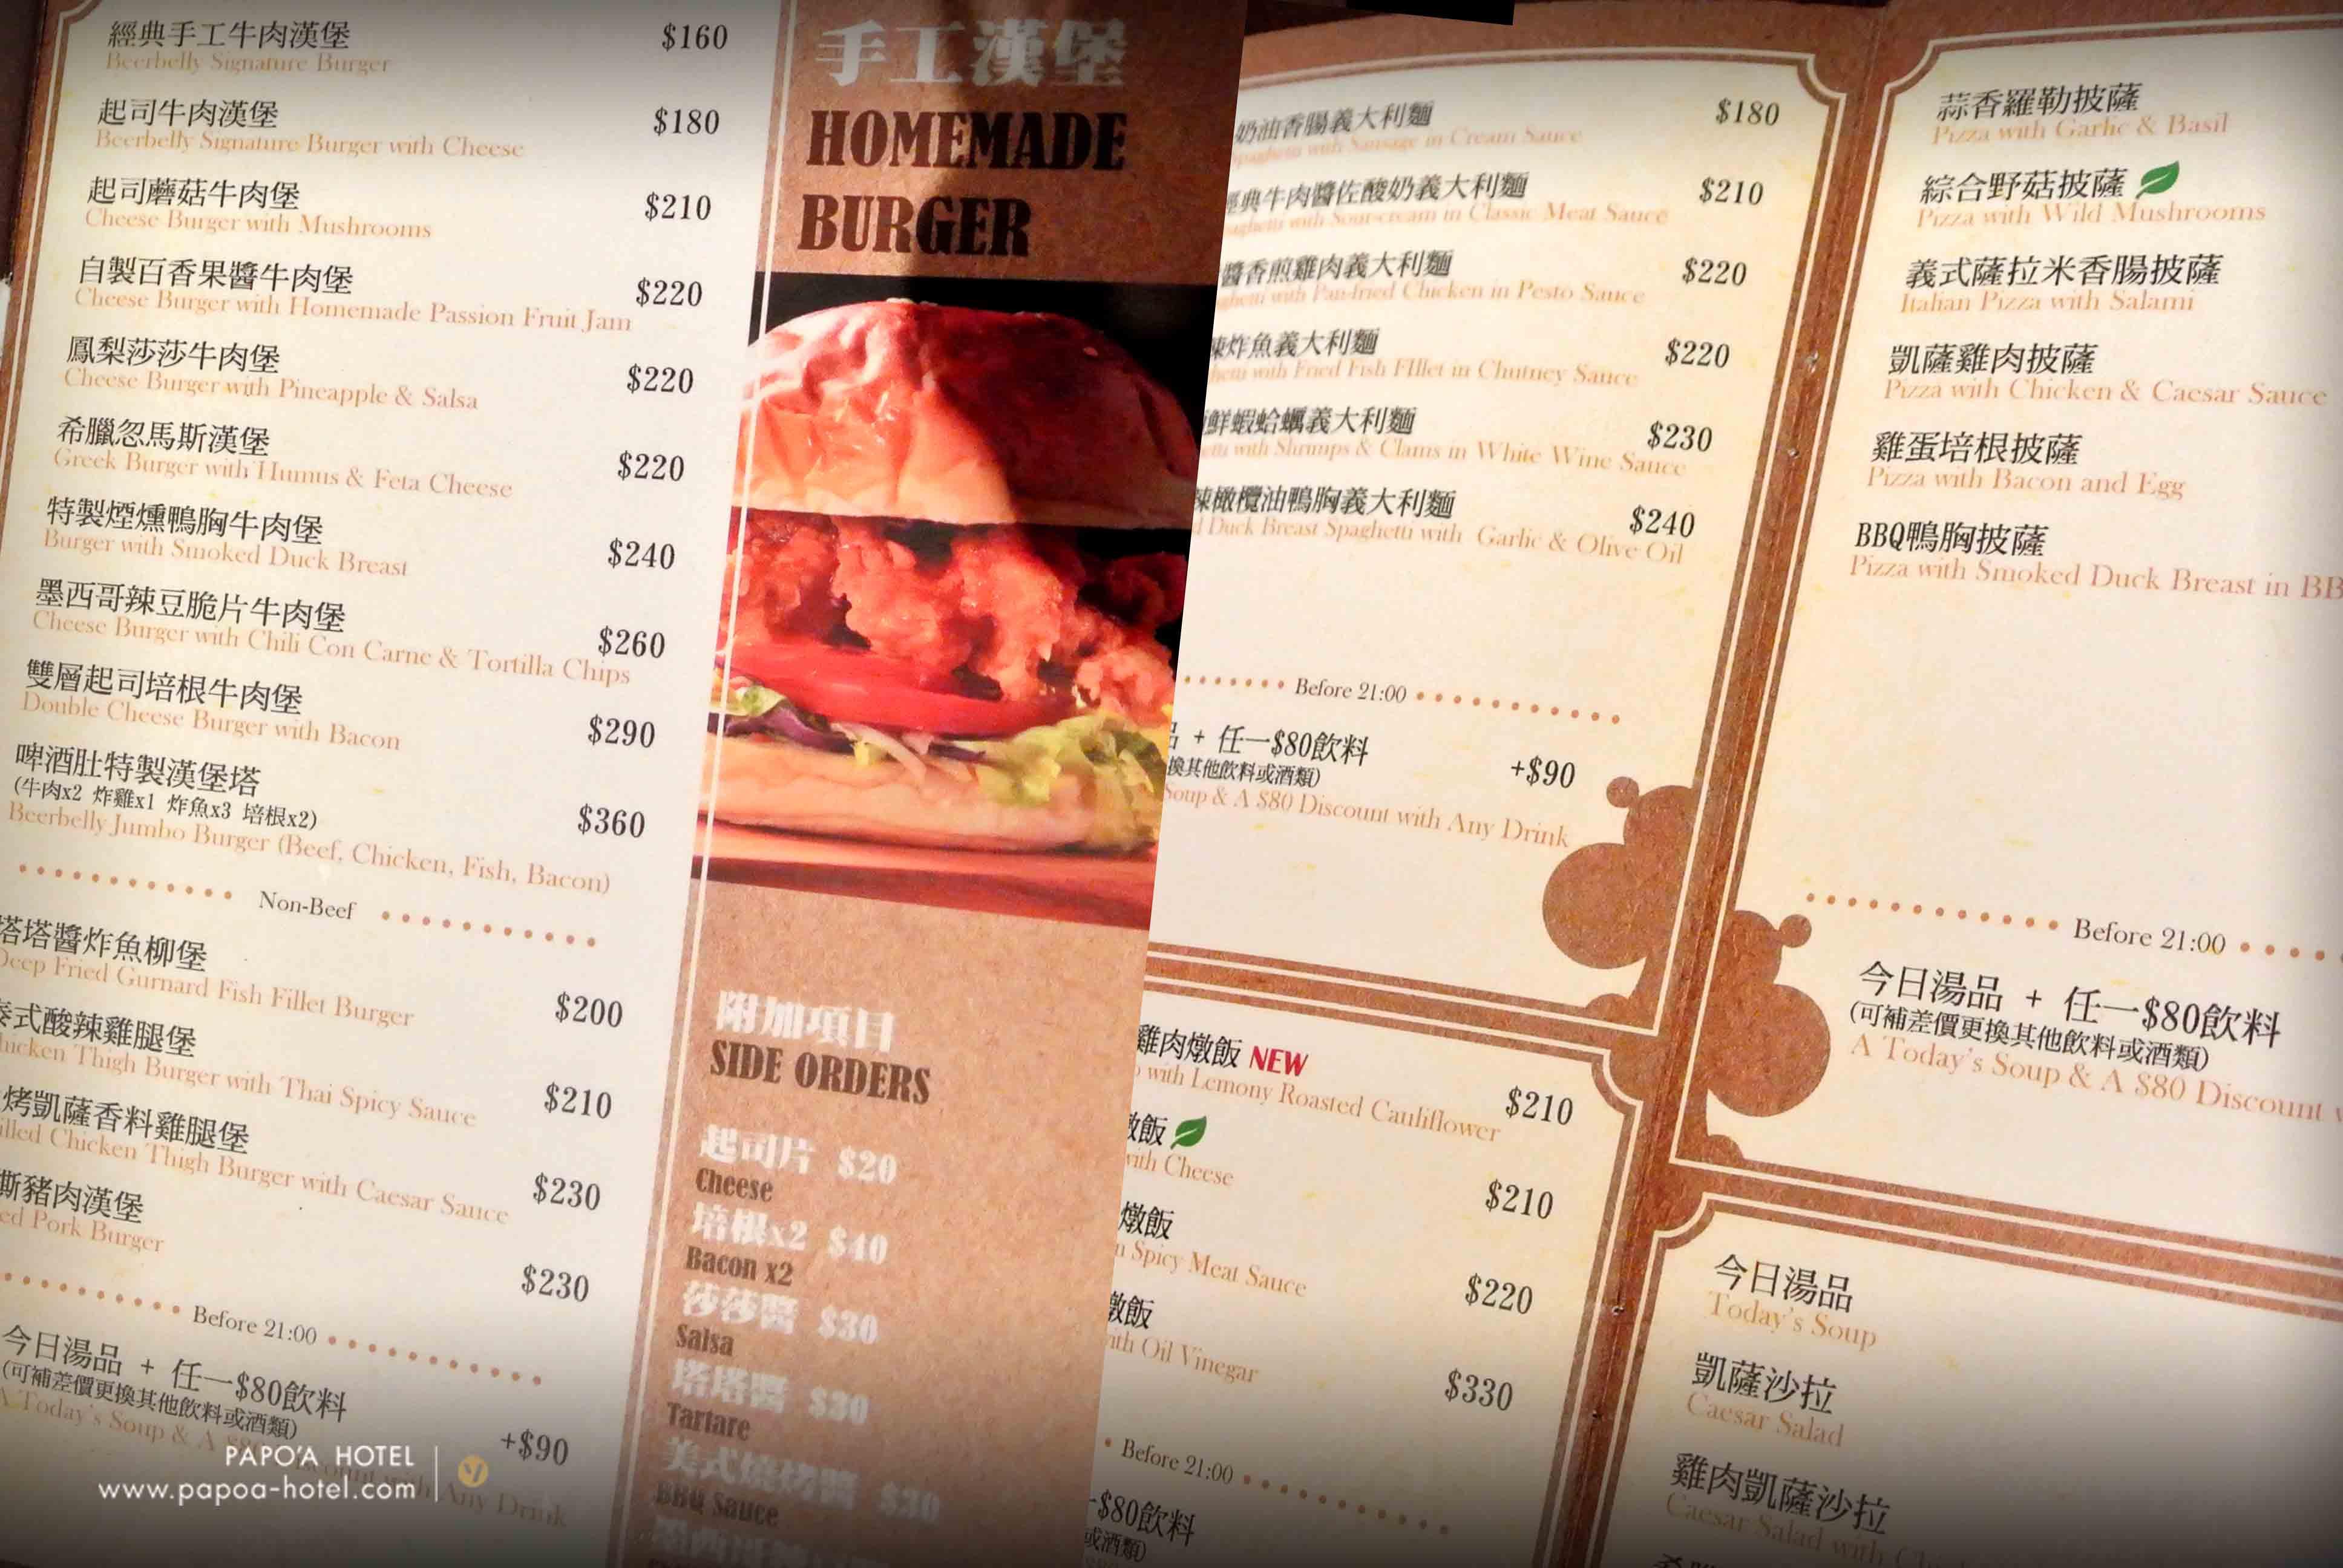 啤酒肚餐廳菜單